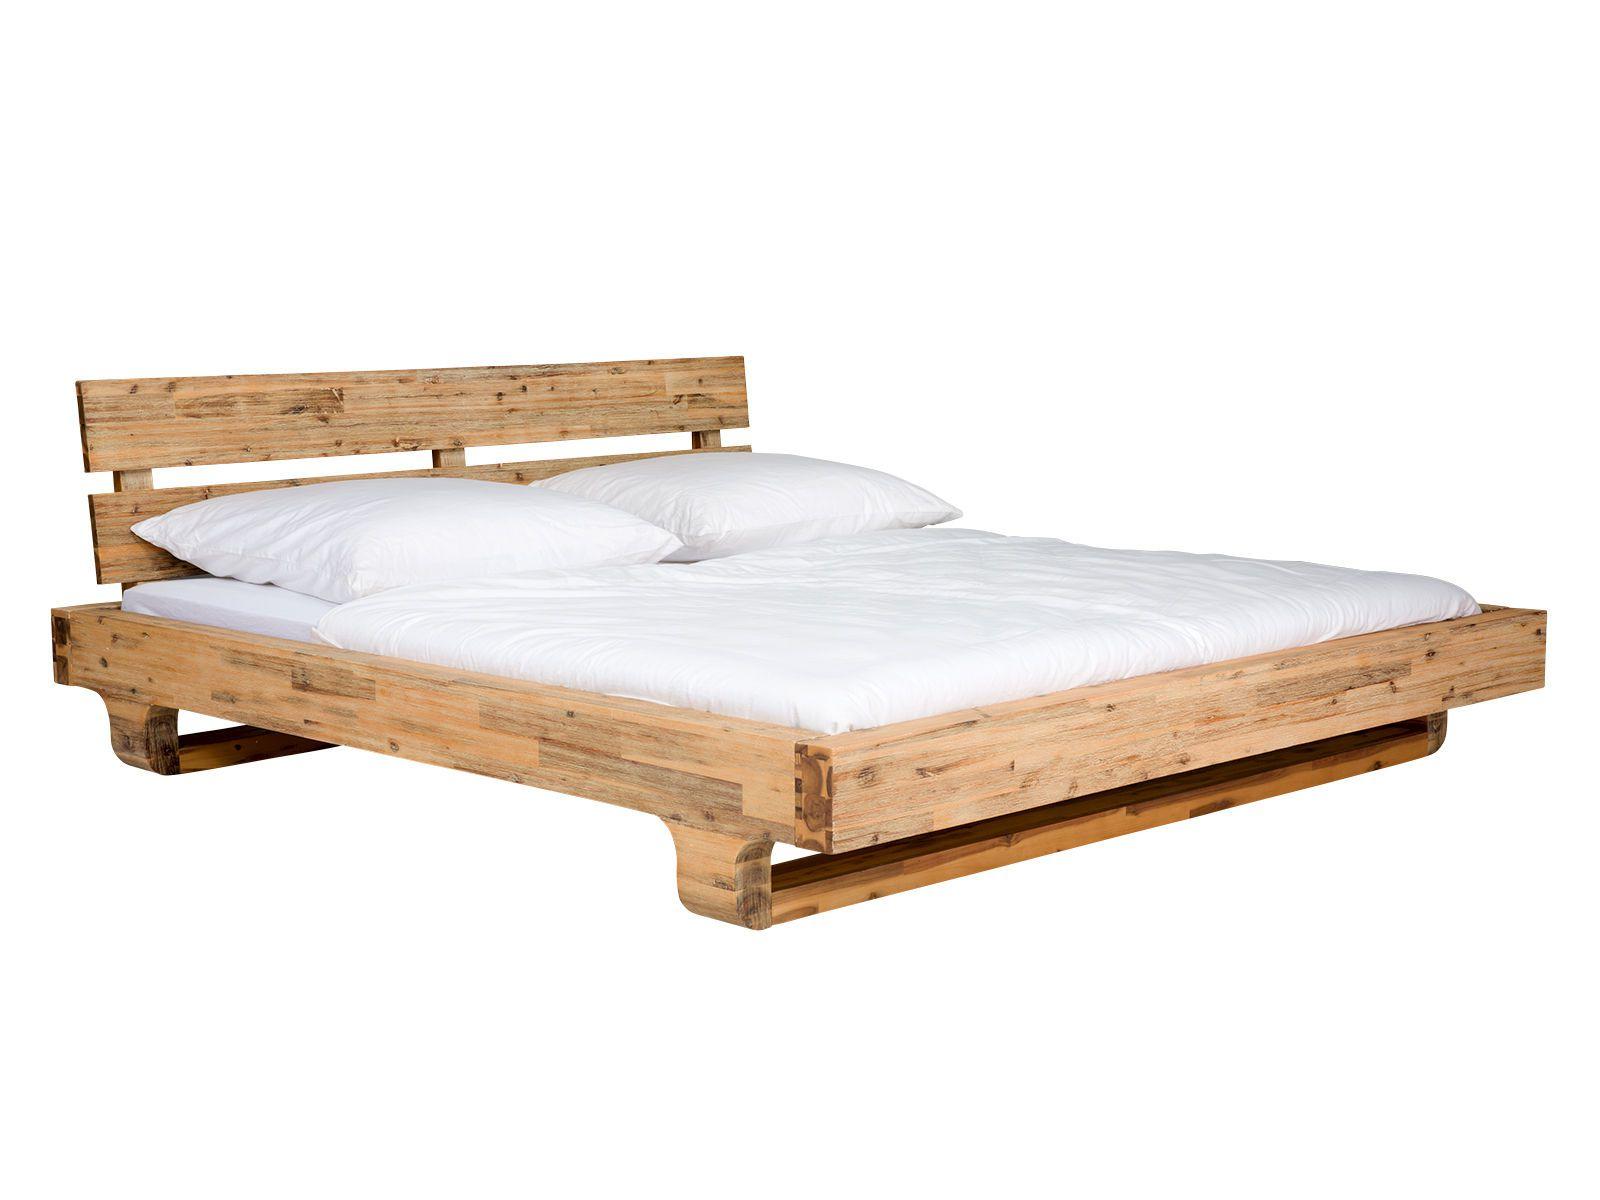 Full Size of 180x200 Bett Holzbett Madras Massivum Balken Bambus Mit Schubladen 90x200 Weiß Prinzessin 190x90 Kopfteil 140 Betten Für übergewichtige Flexa überlänge Bett 180x200 Bett